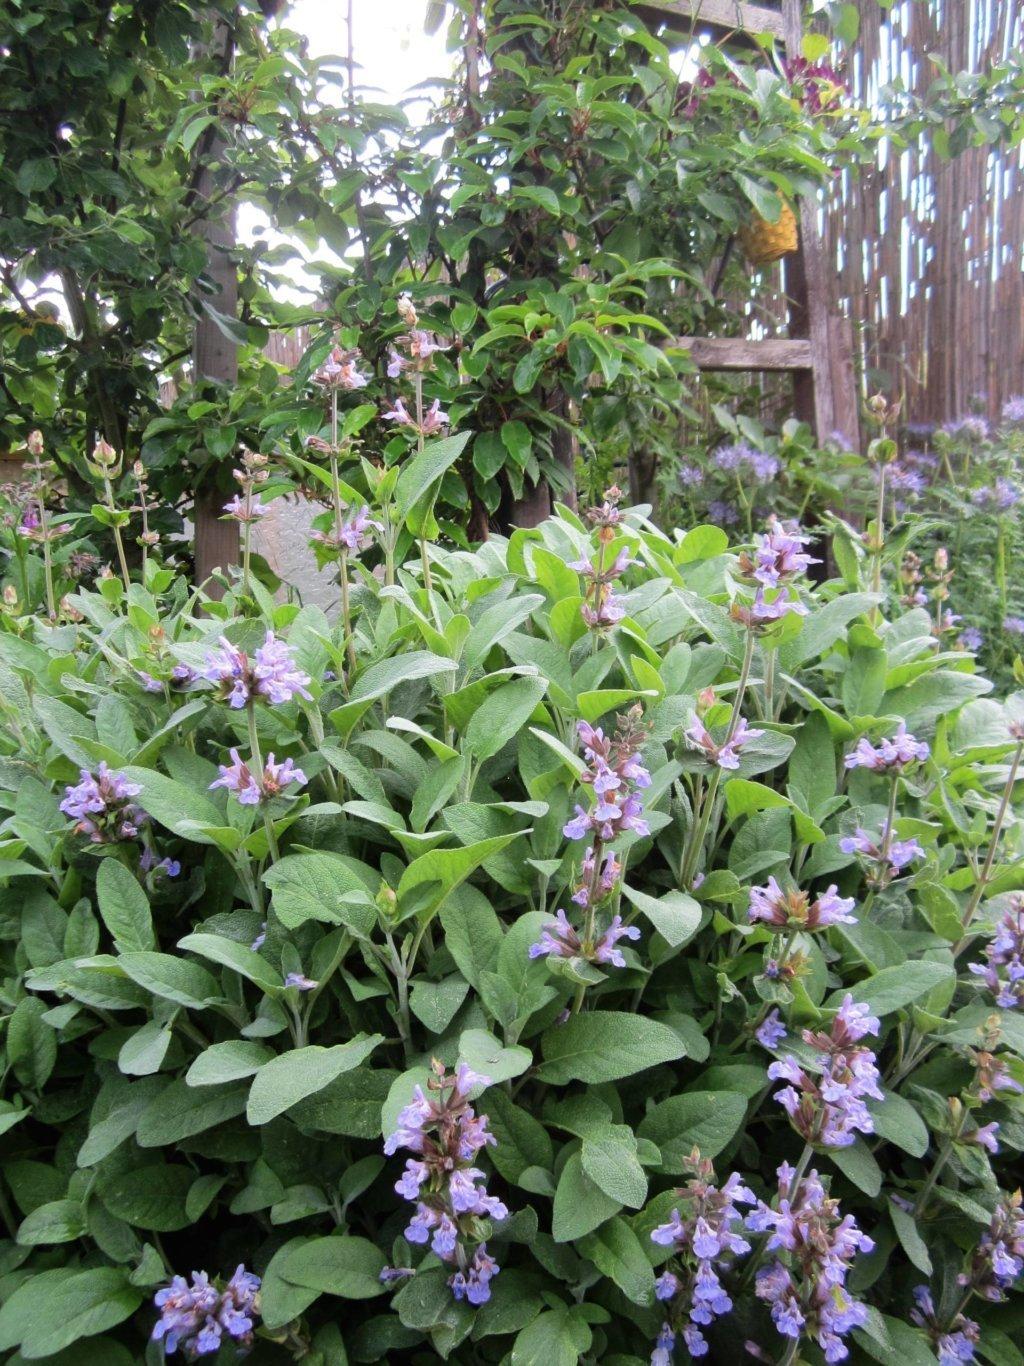 Spanischer Salbei in Blüte, erinnert von den Blüten an Gundermann